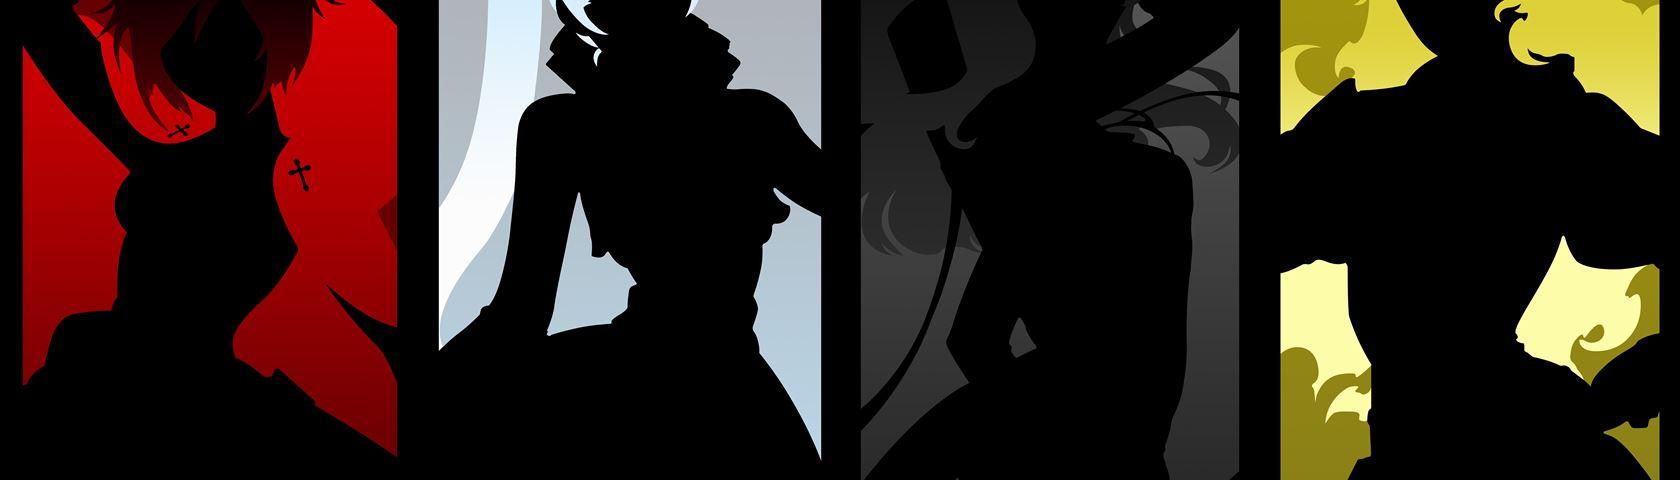 RWBY Silhouette